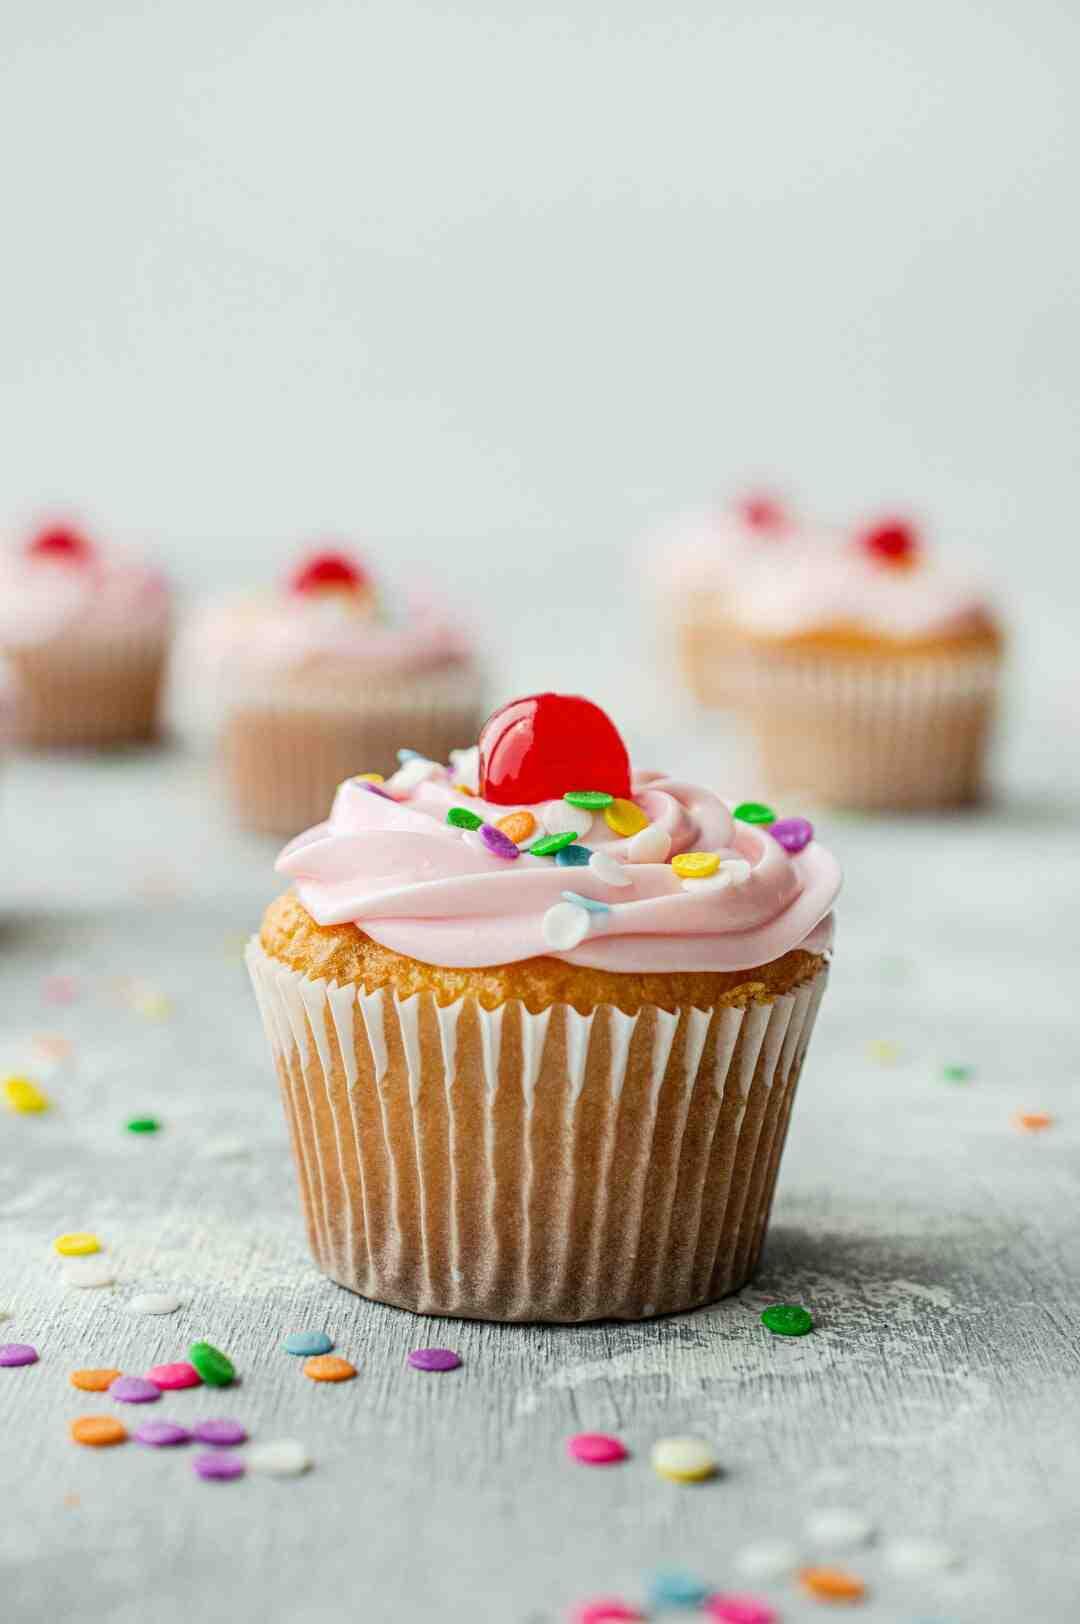 Quand mettre le glaçage sur les cupcakes ?